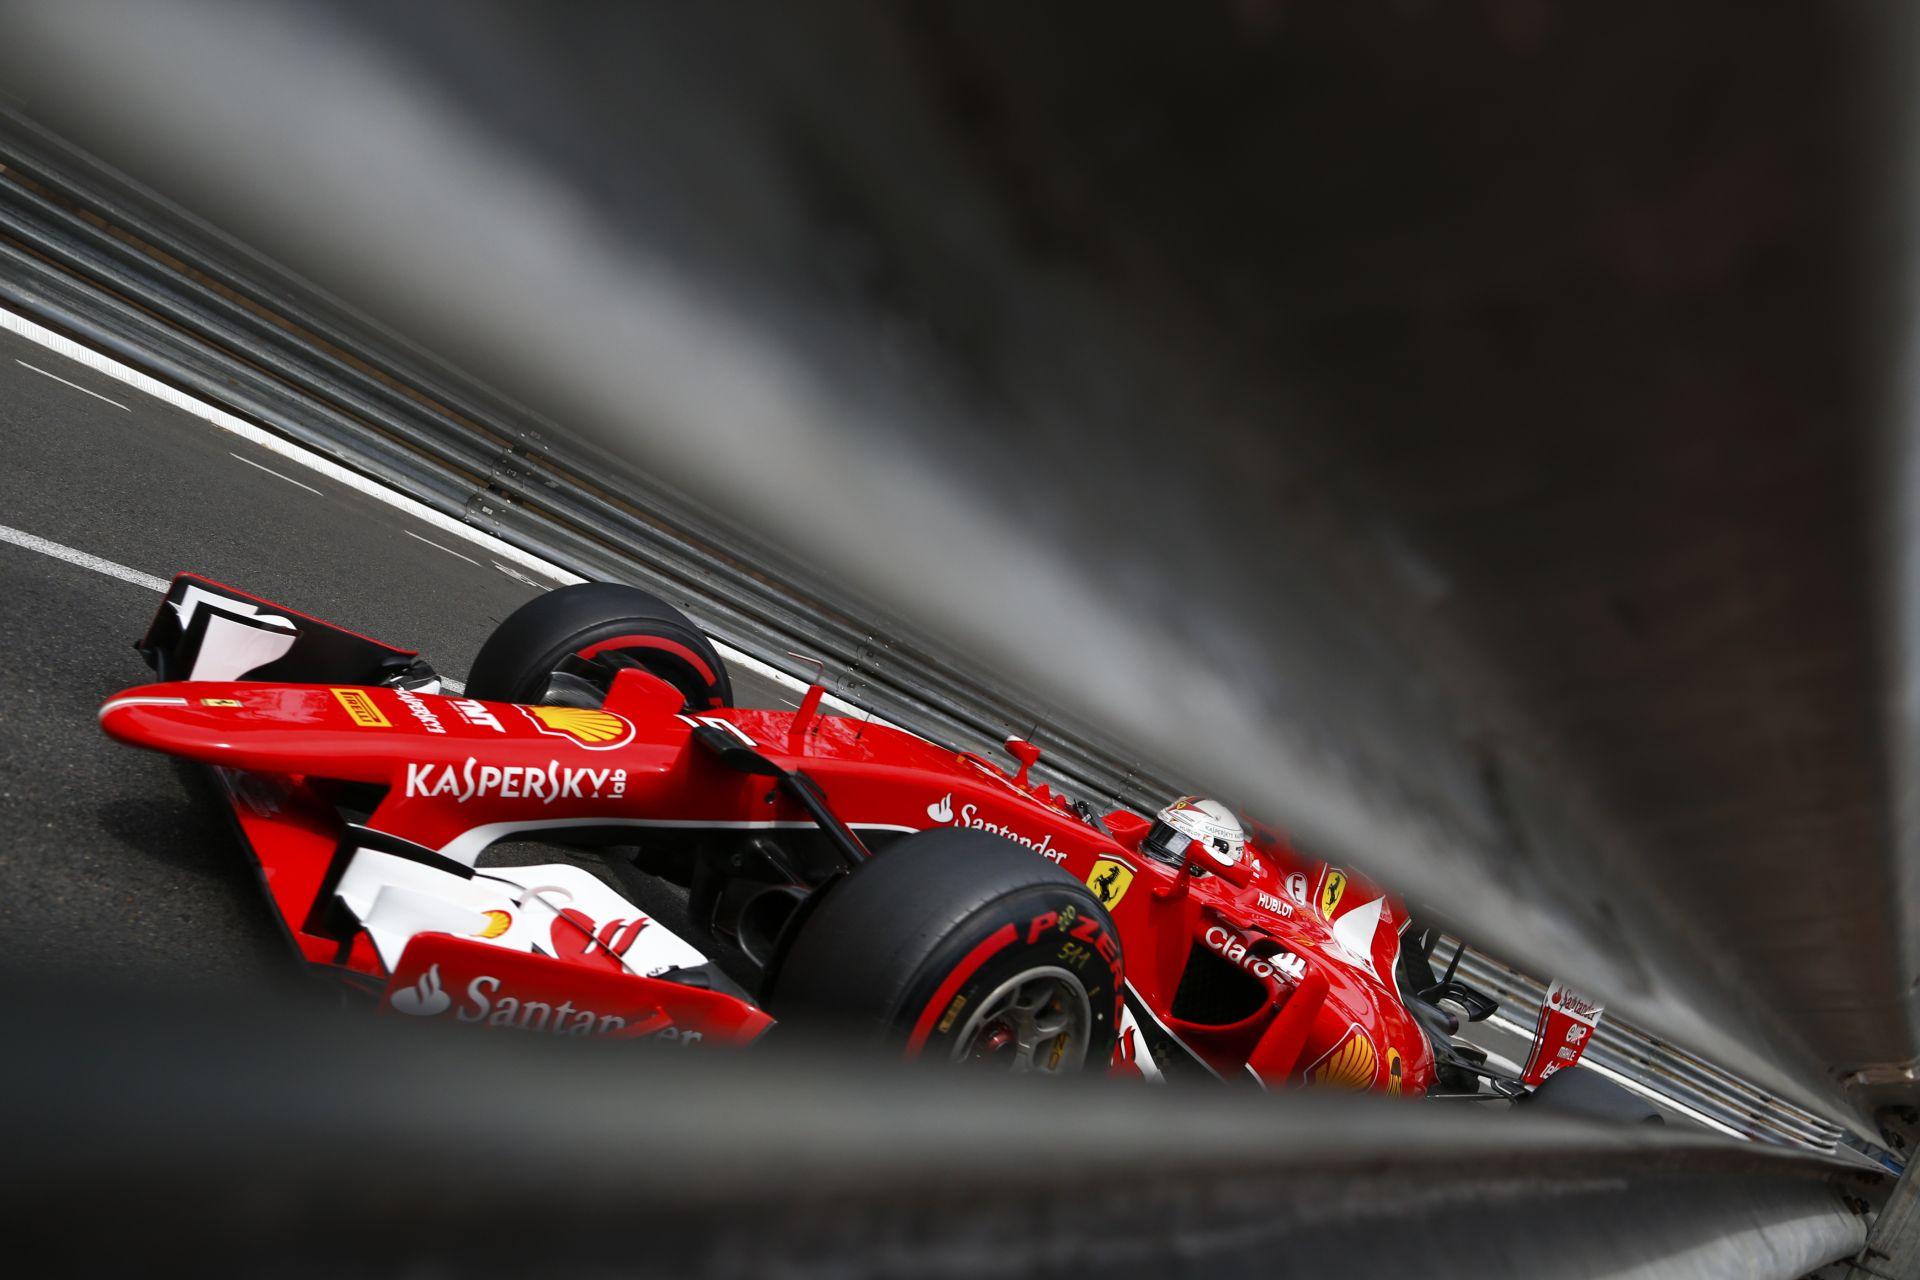 Így cserélt kereket a Ferrari 2.2 másodperc alatt Japánban Vettel autóján